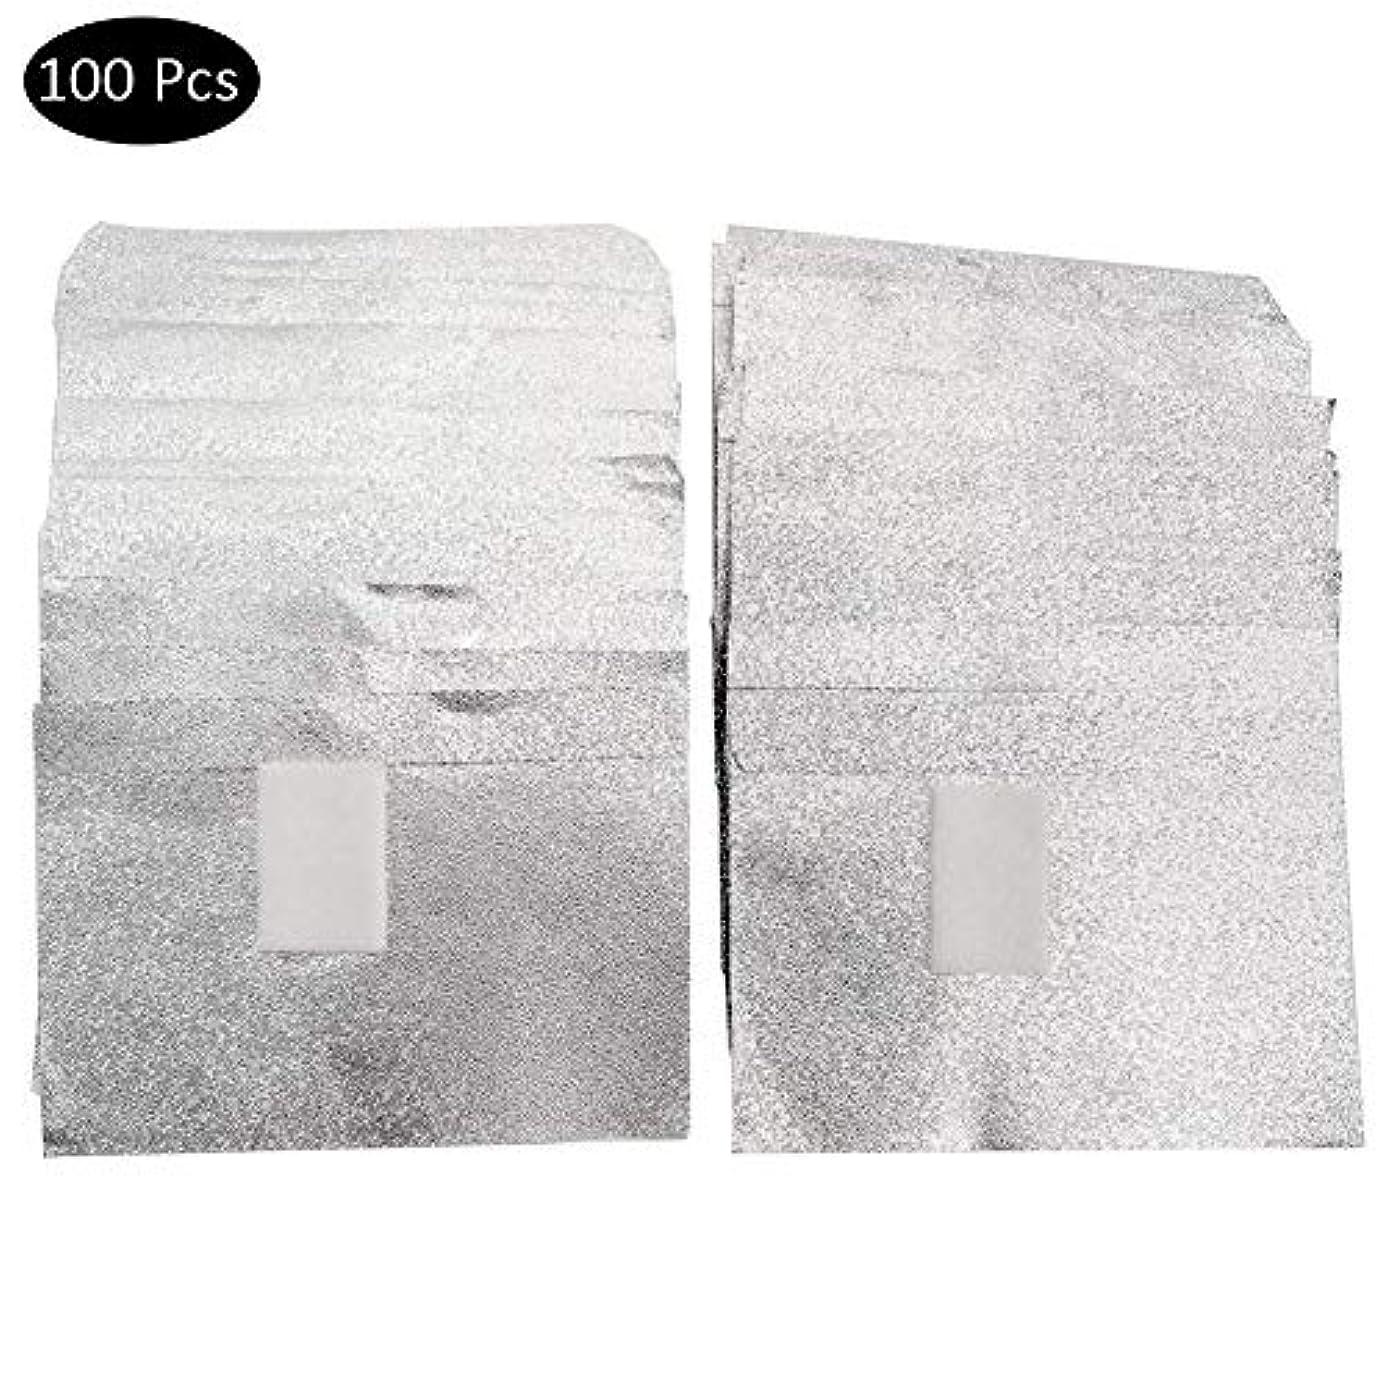 株式会社稼ぐ納得させるSILUN ネイルリムーバー錫箔ネイルポリッシュットン付きアルミホイル ジェル除却 使い捨て 爪マニキュア用品100枚入り使い捨て コットン付きアルミホイル ネイル用品 マニキュア用品